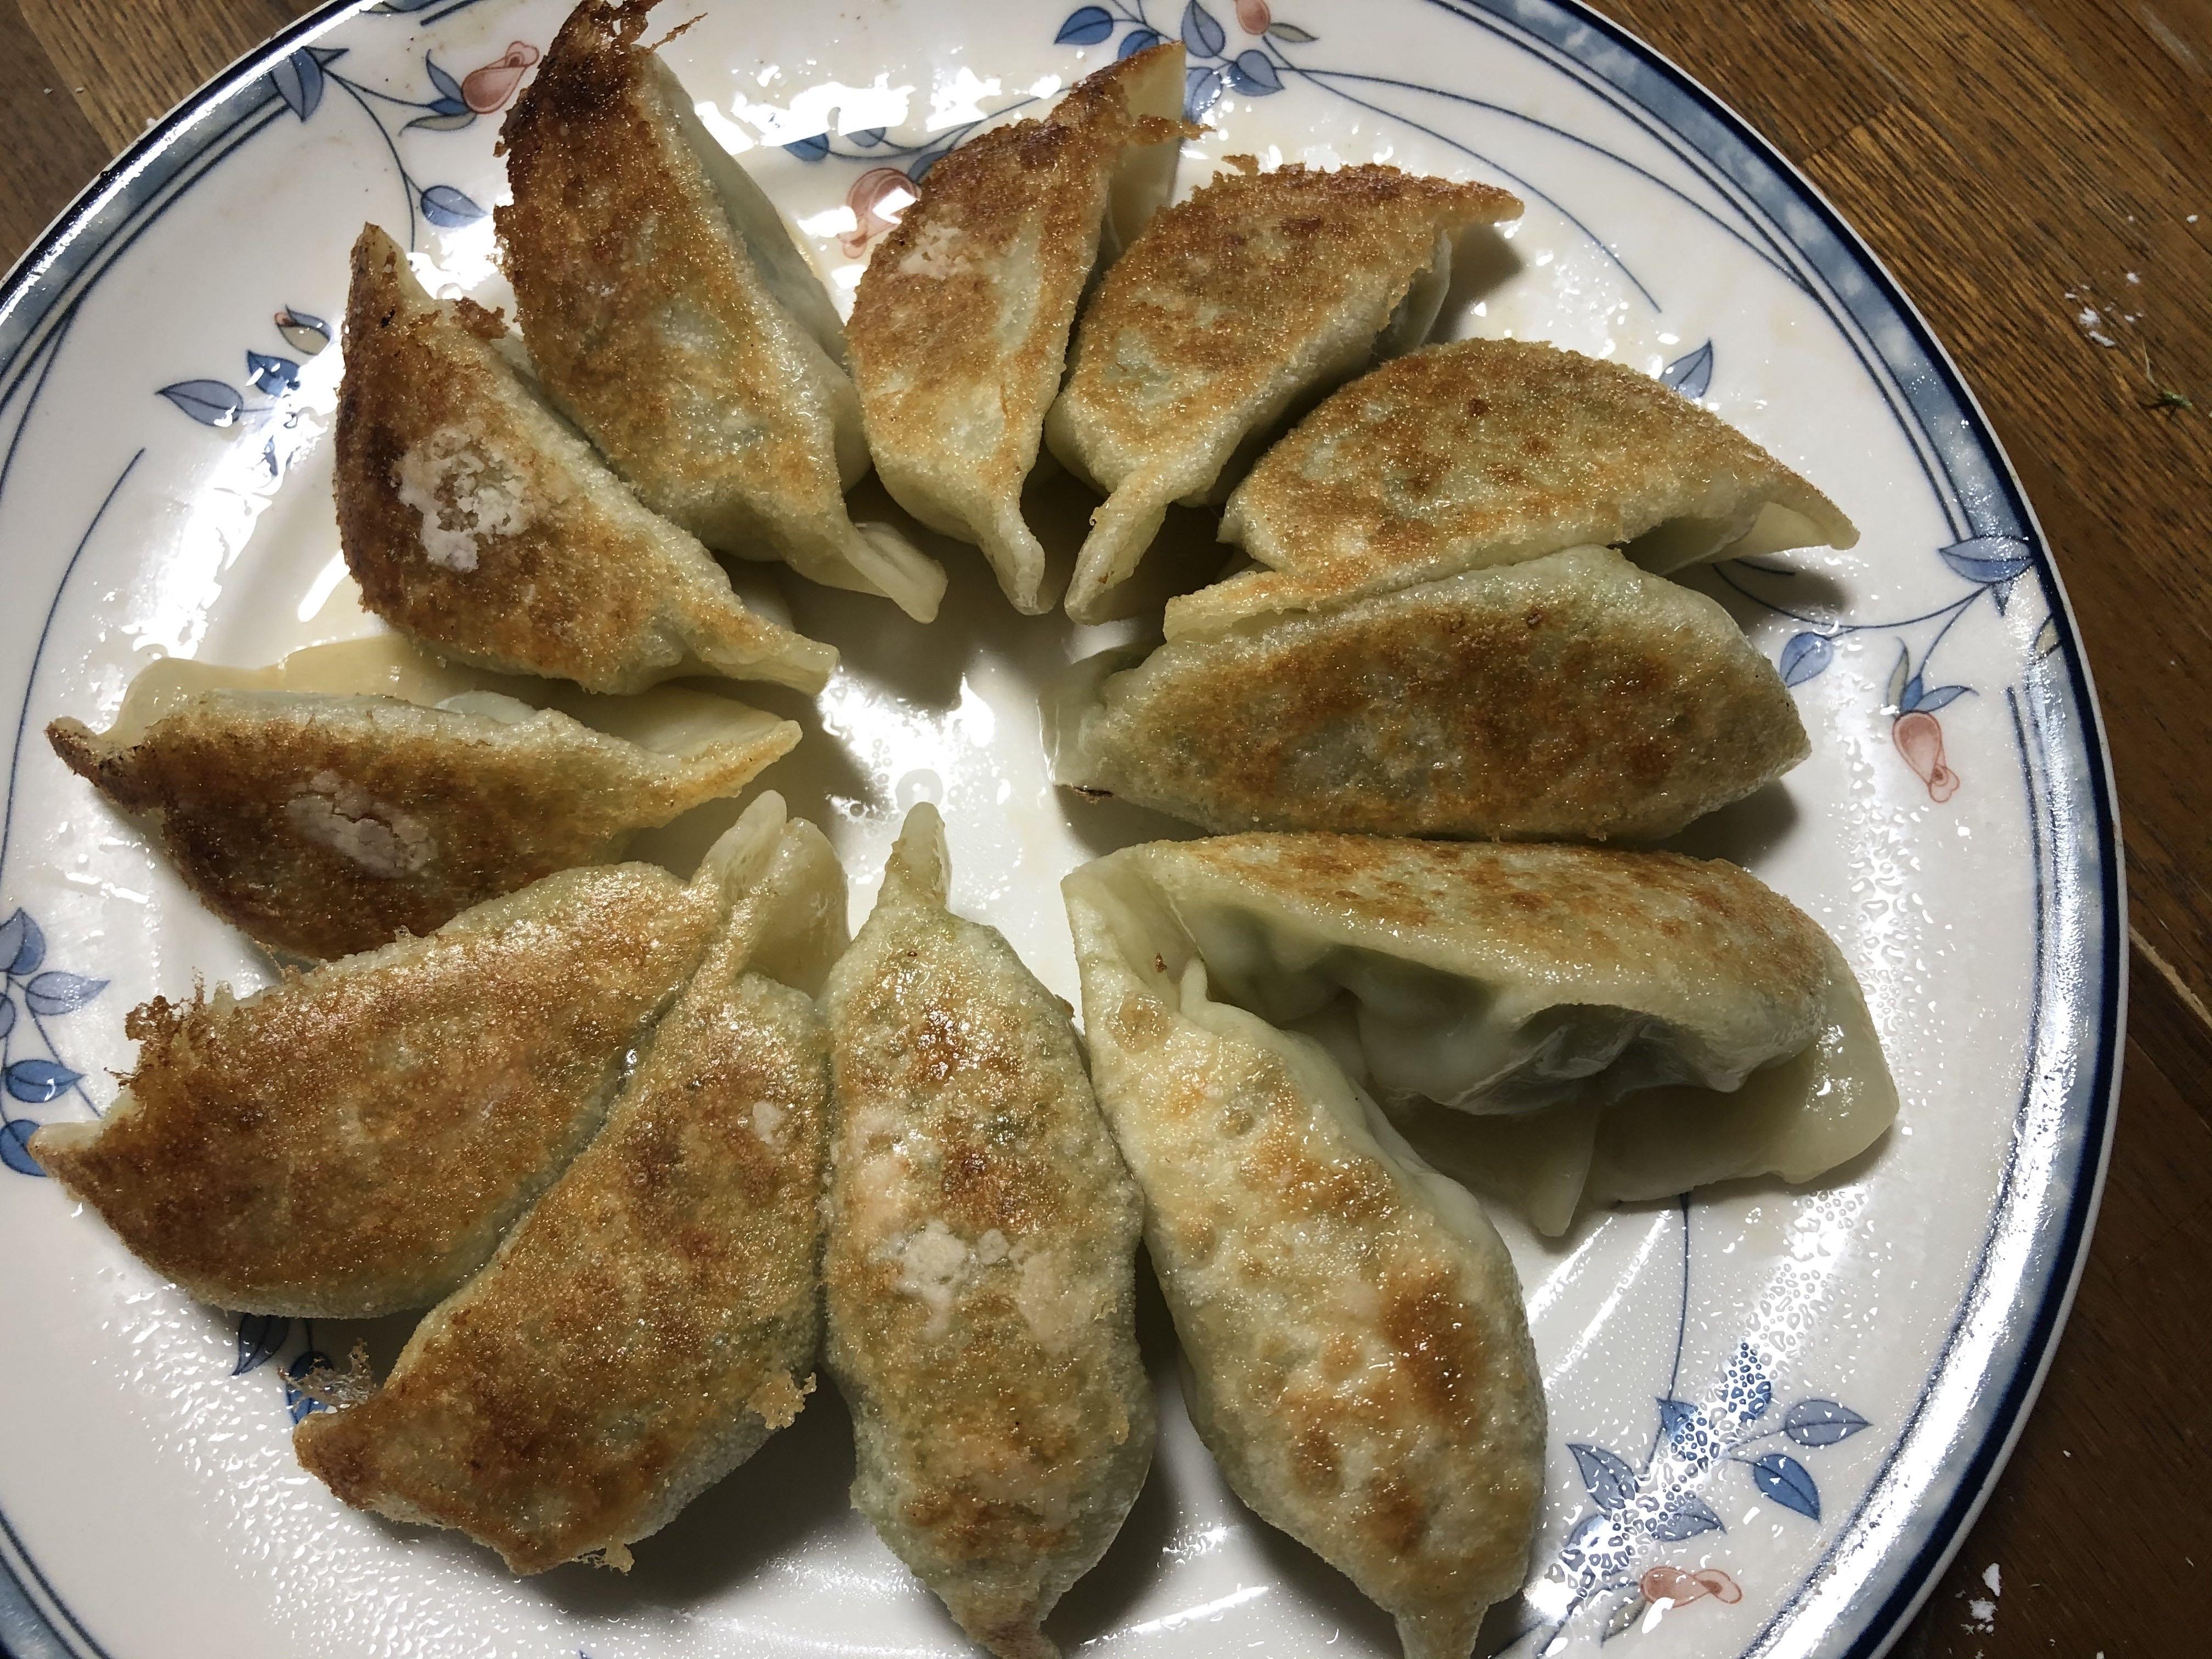 麺テイスティング・カフェショップ MENSTAで販売中の餃子の皮調理例